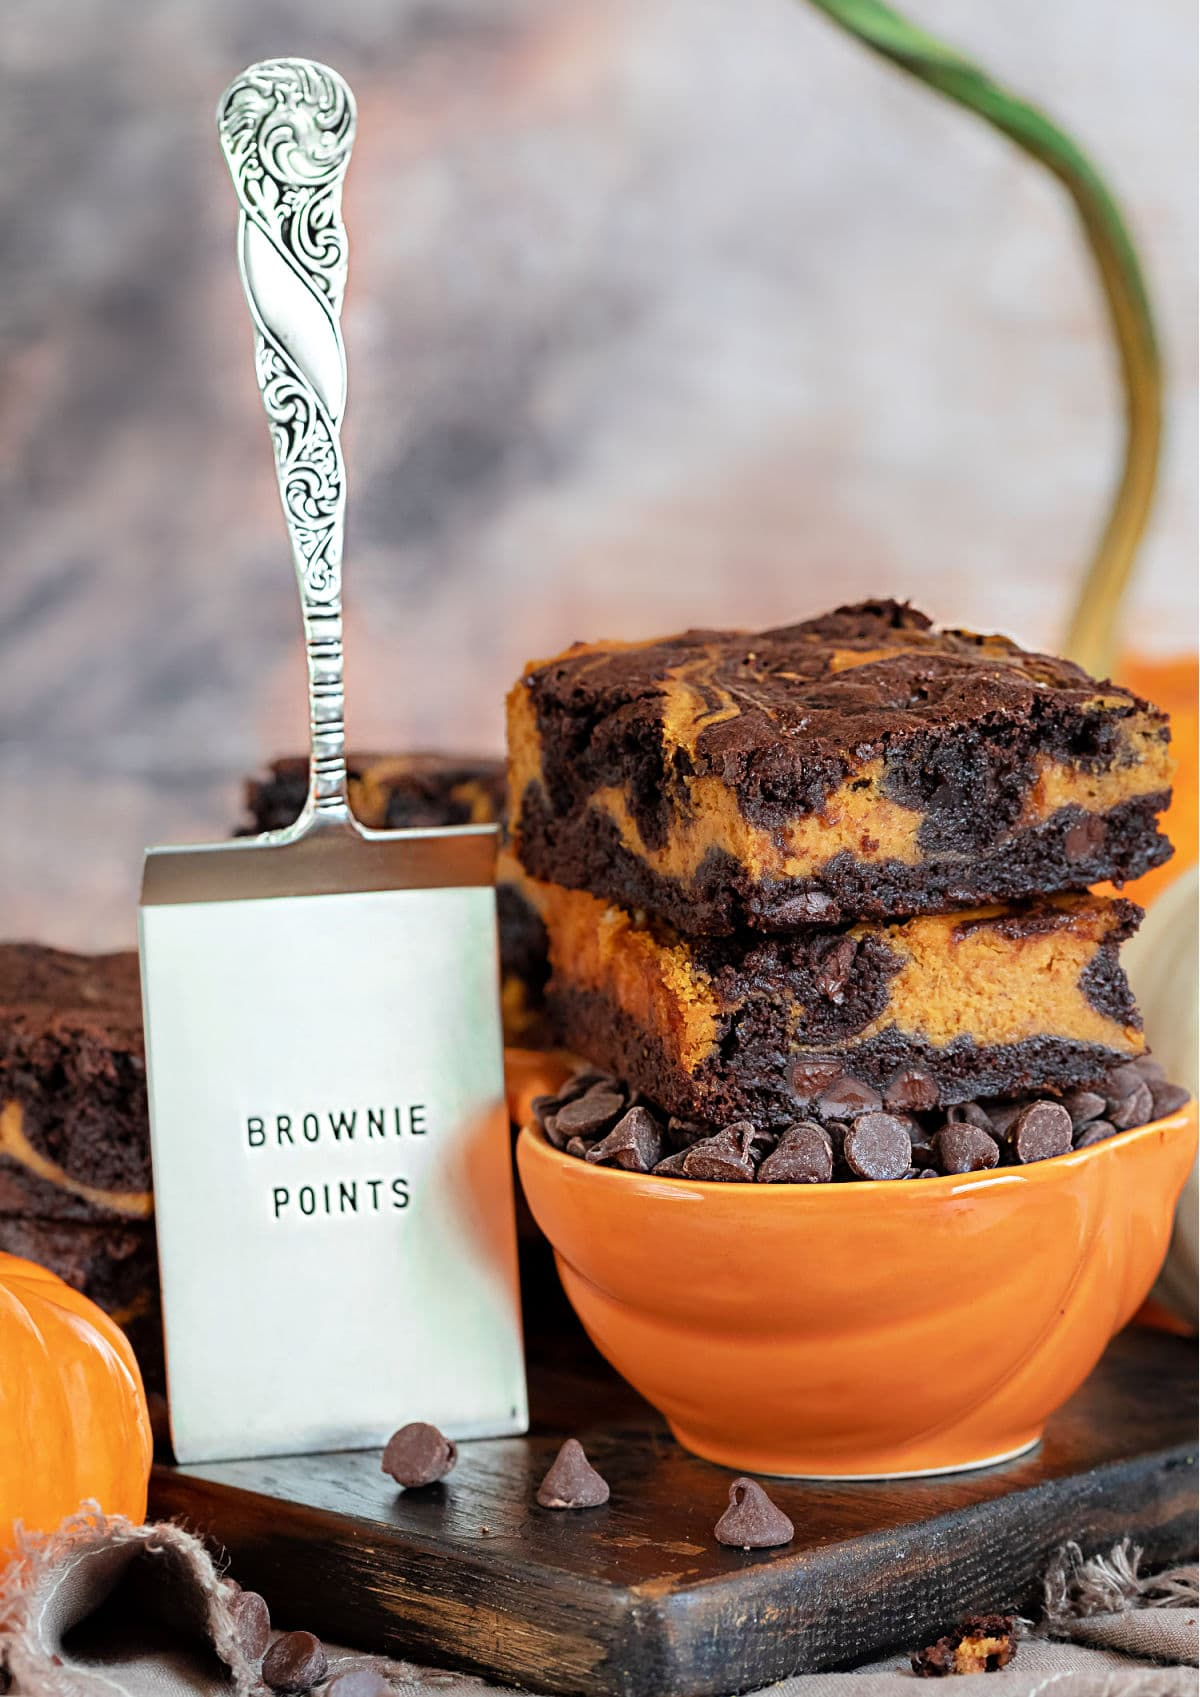 Brownies de tarta de queso y calabaza sentados en un bol naranja relleno de pepitas de chocolate con el servidor de brownies a la izquierda